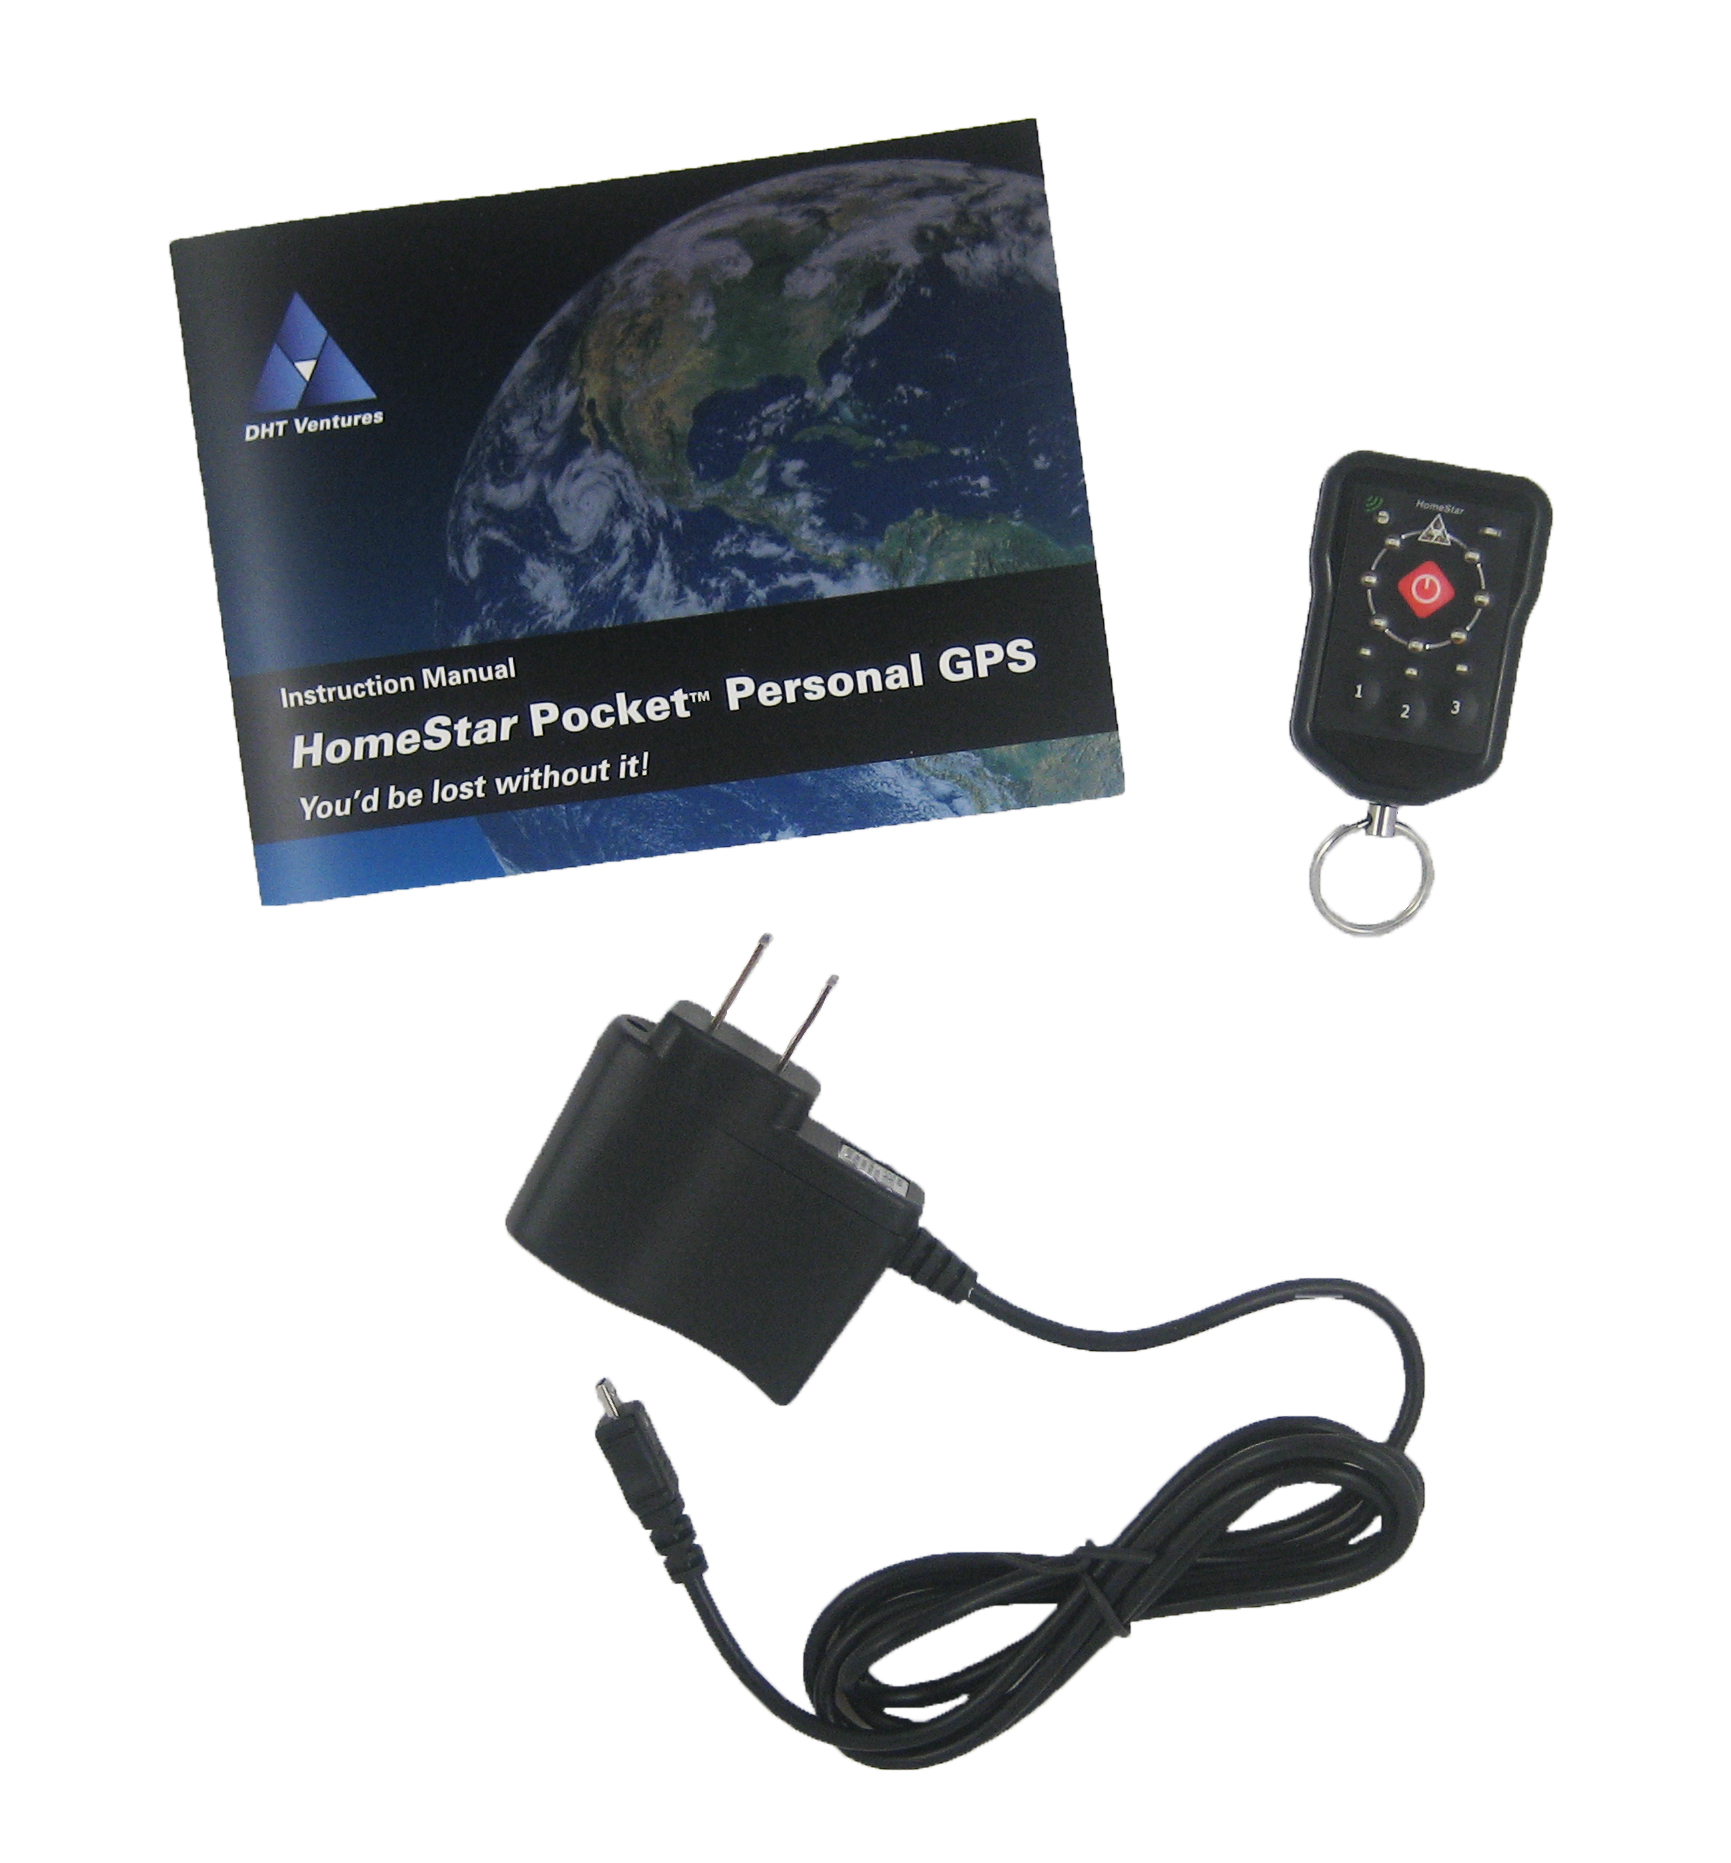 HomeStar Pocket GPS